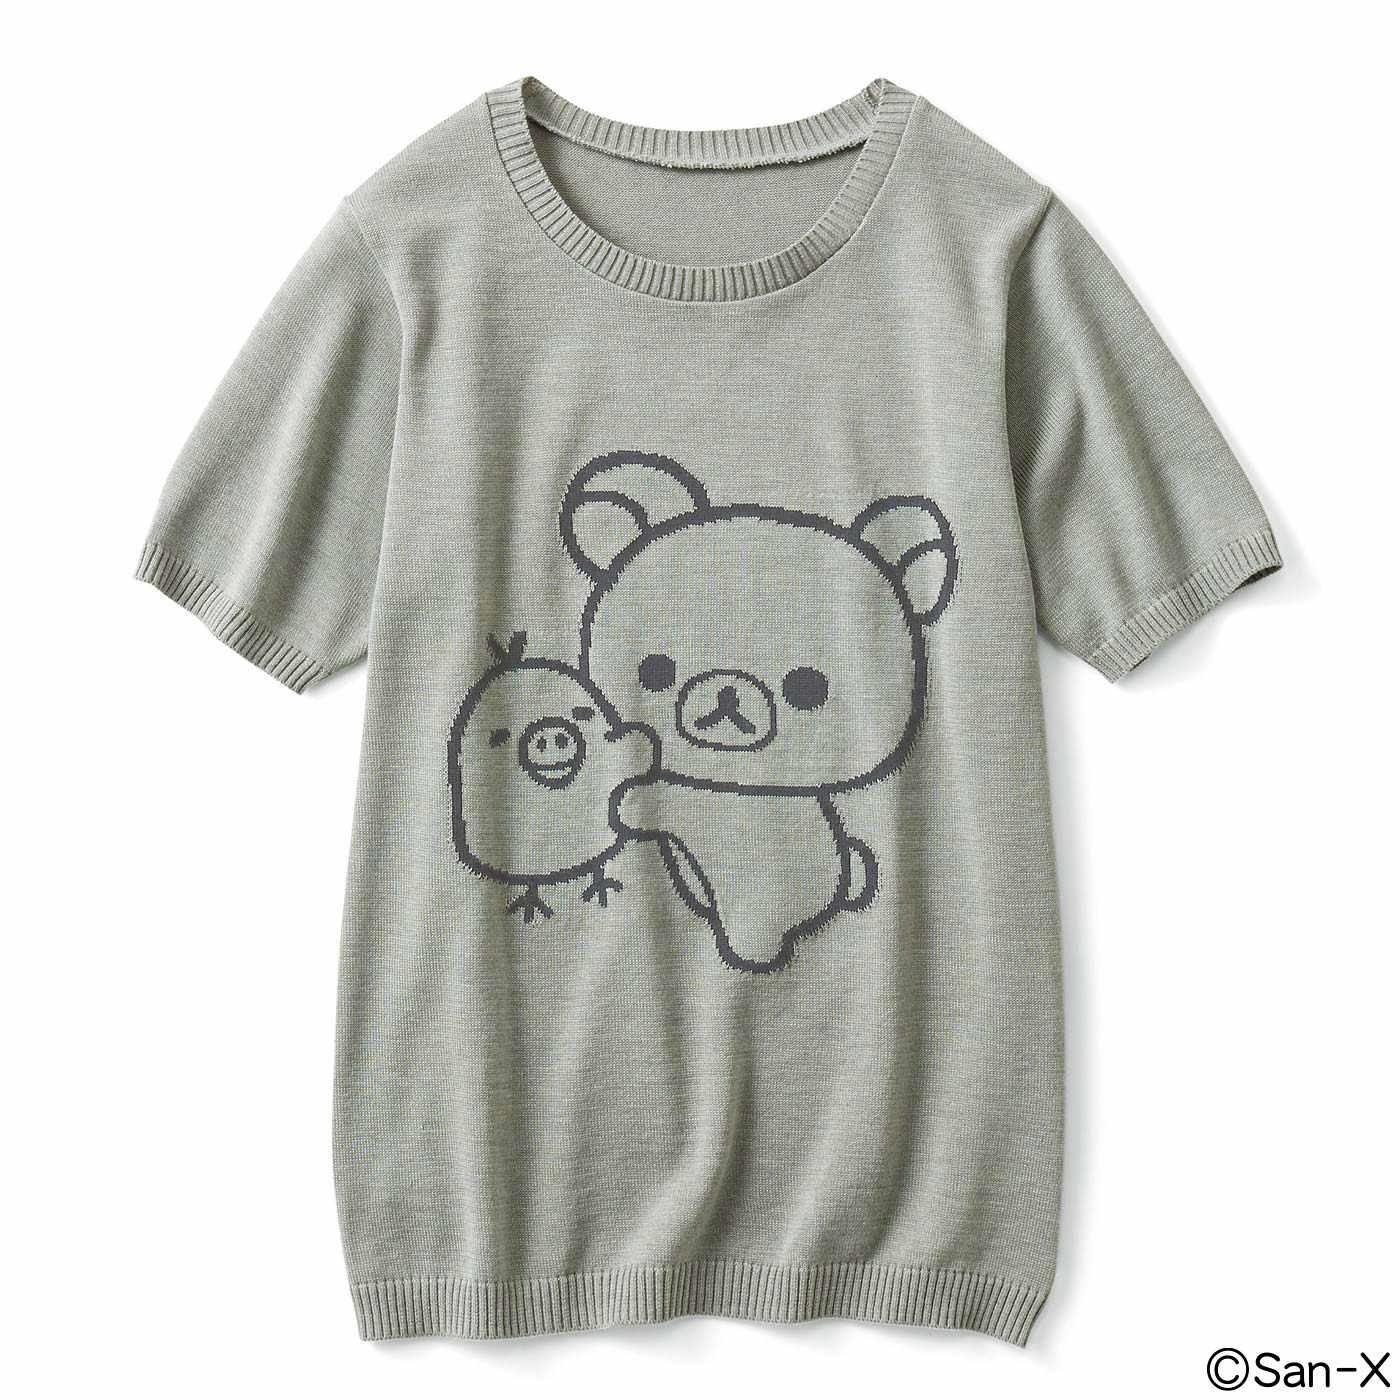 コリラックマ&キイロイトリ ニットTシャツ